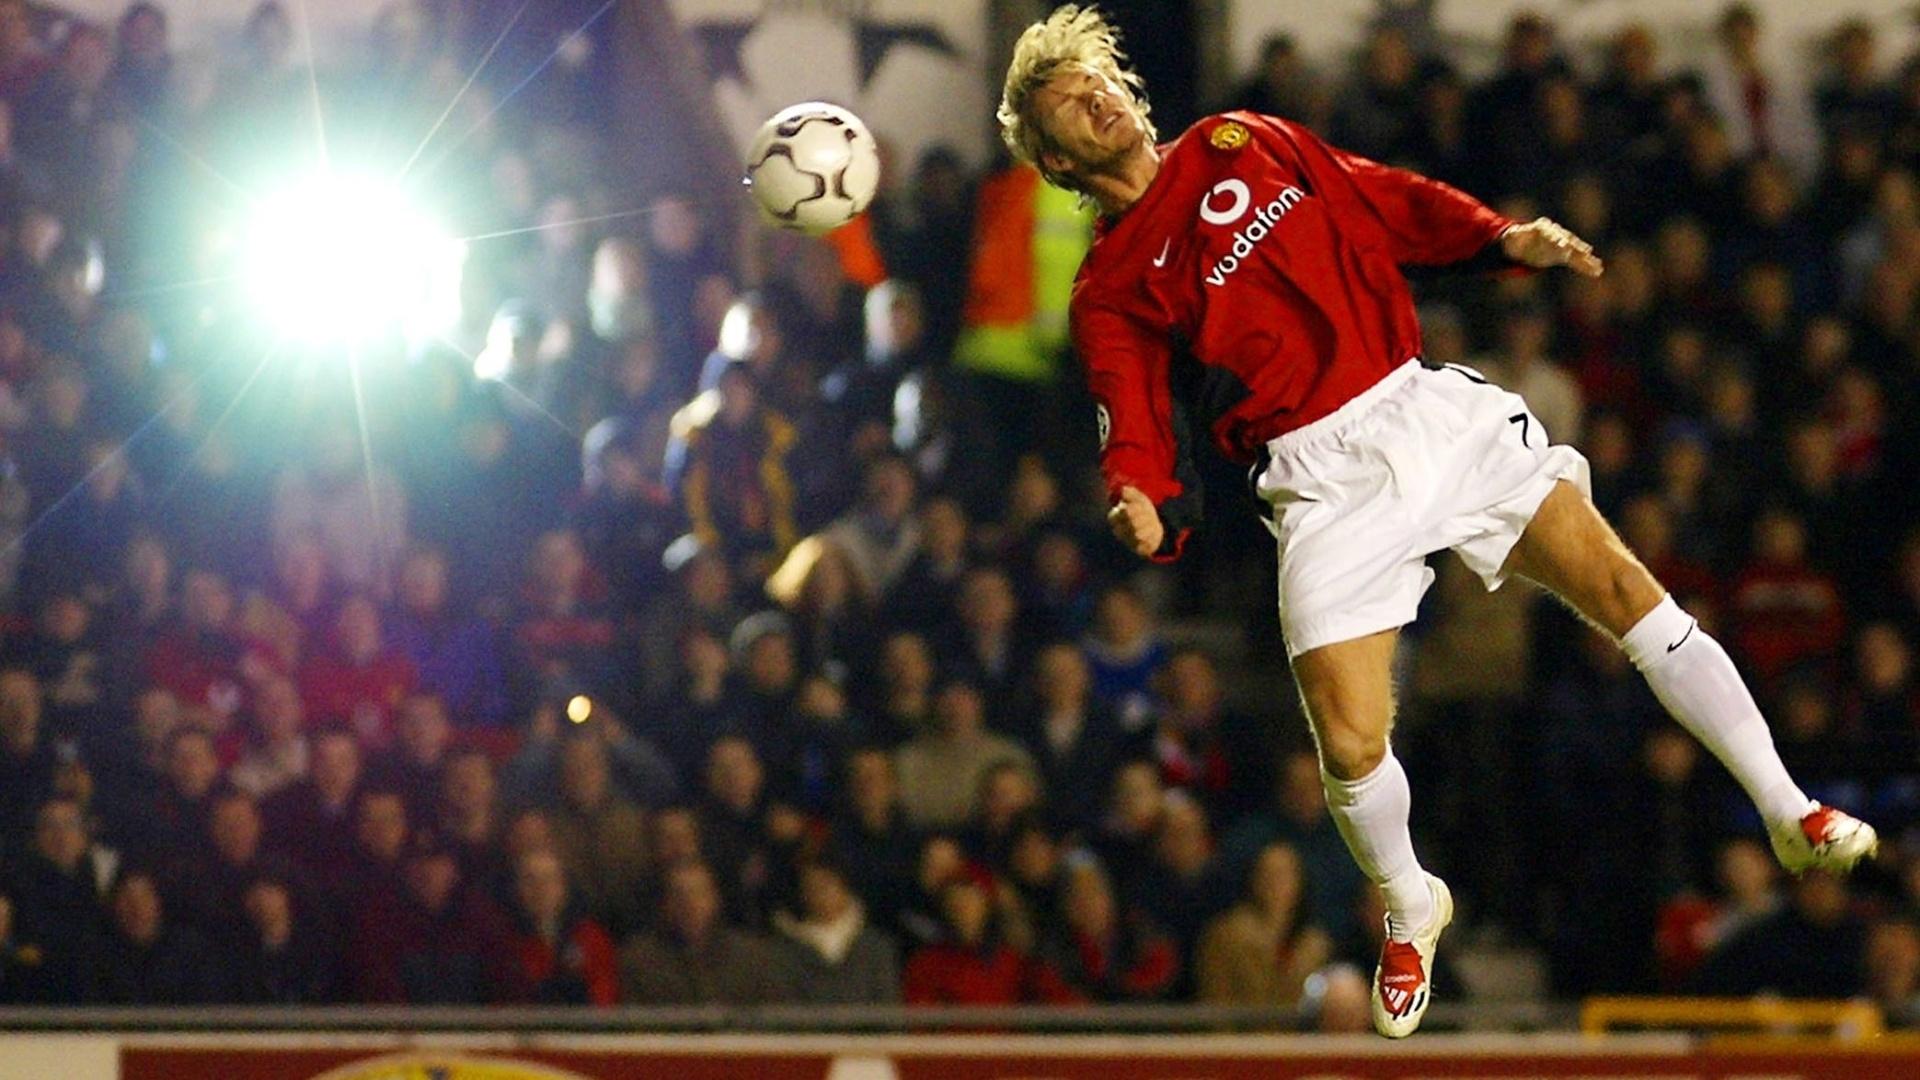 David Beckham tenta o cabeceio em partida do Manchester United